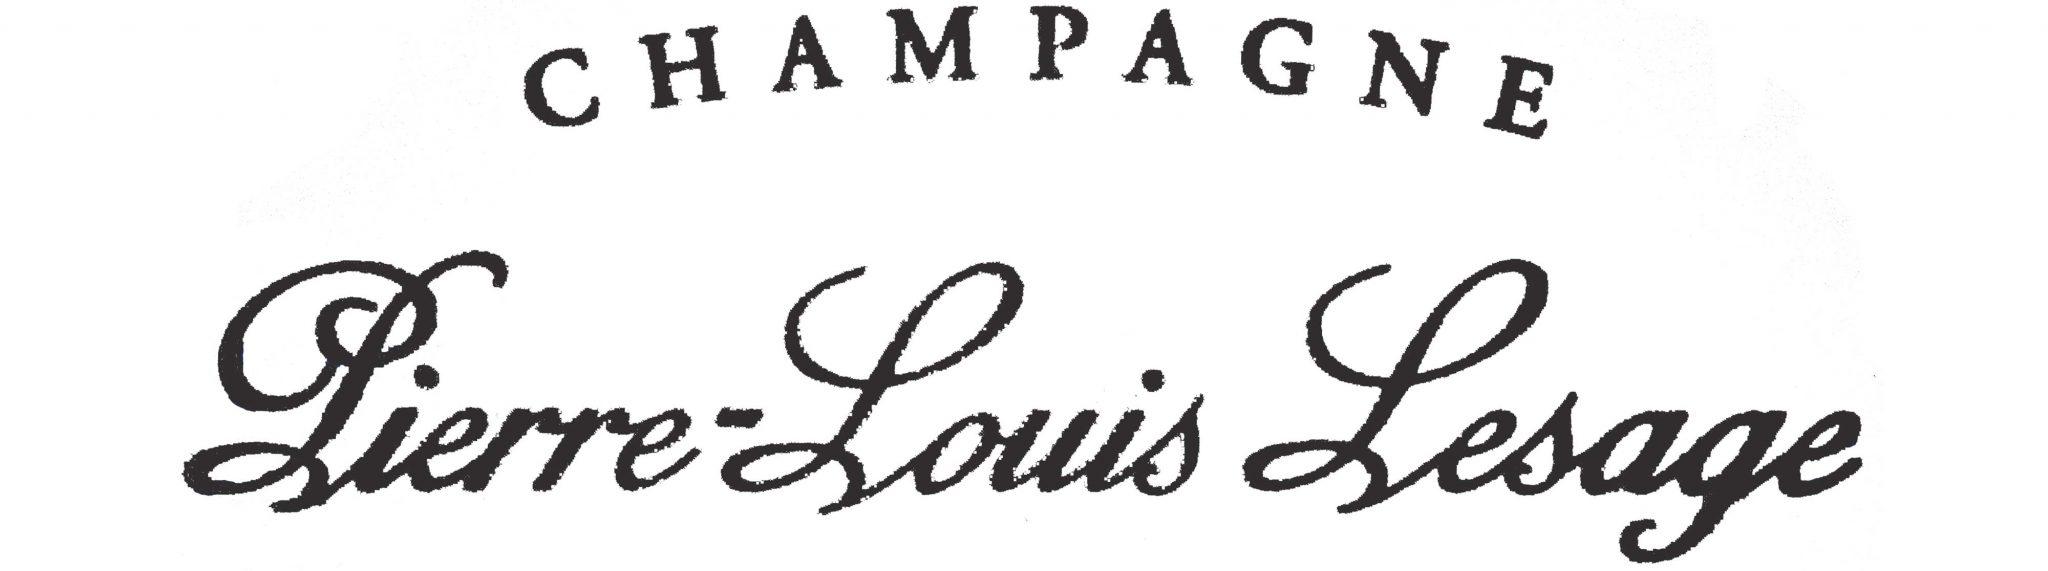 Champagne Pierre-louis Lesage